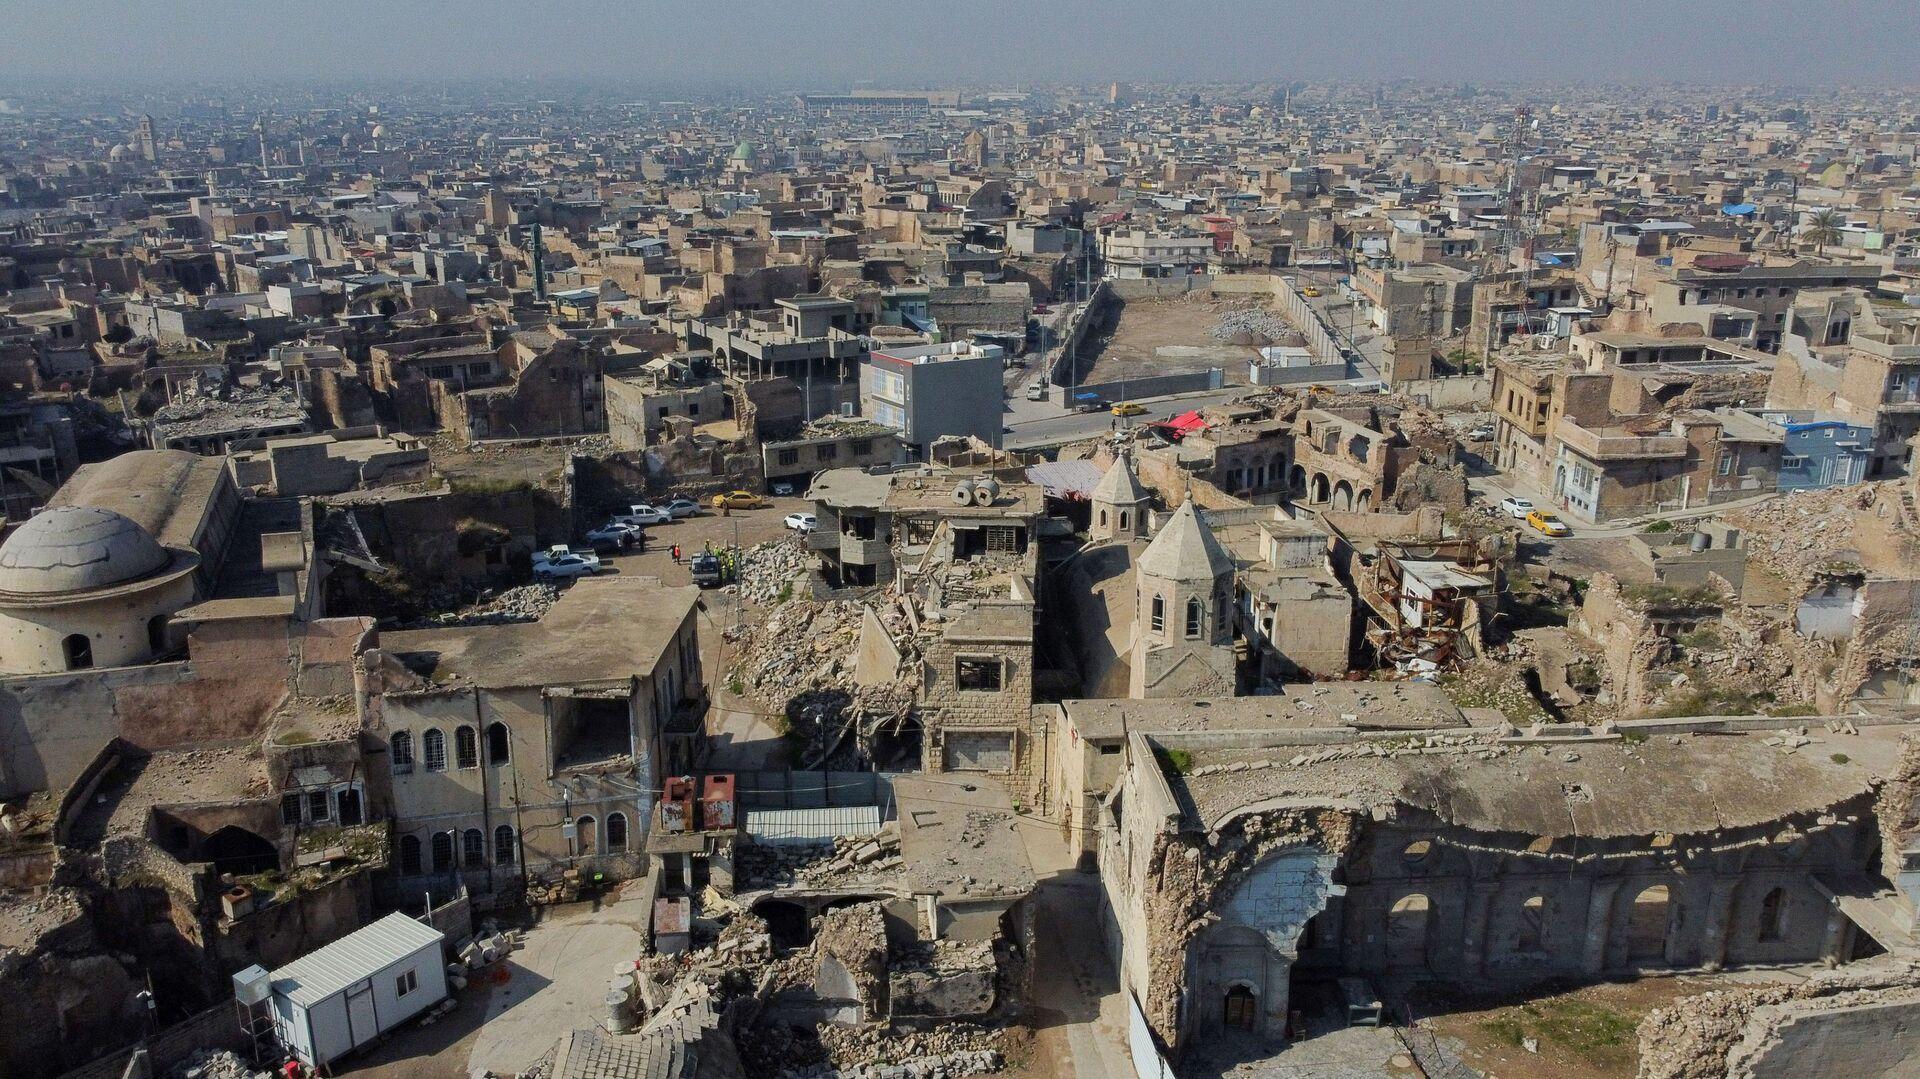 Stare miasto w Mosulu, Irak - Sputnik Polska, 1920, 26.07.2021